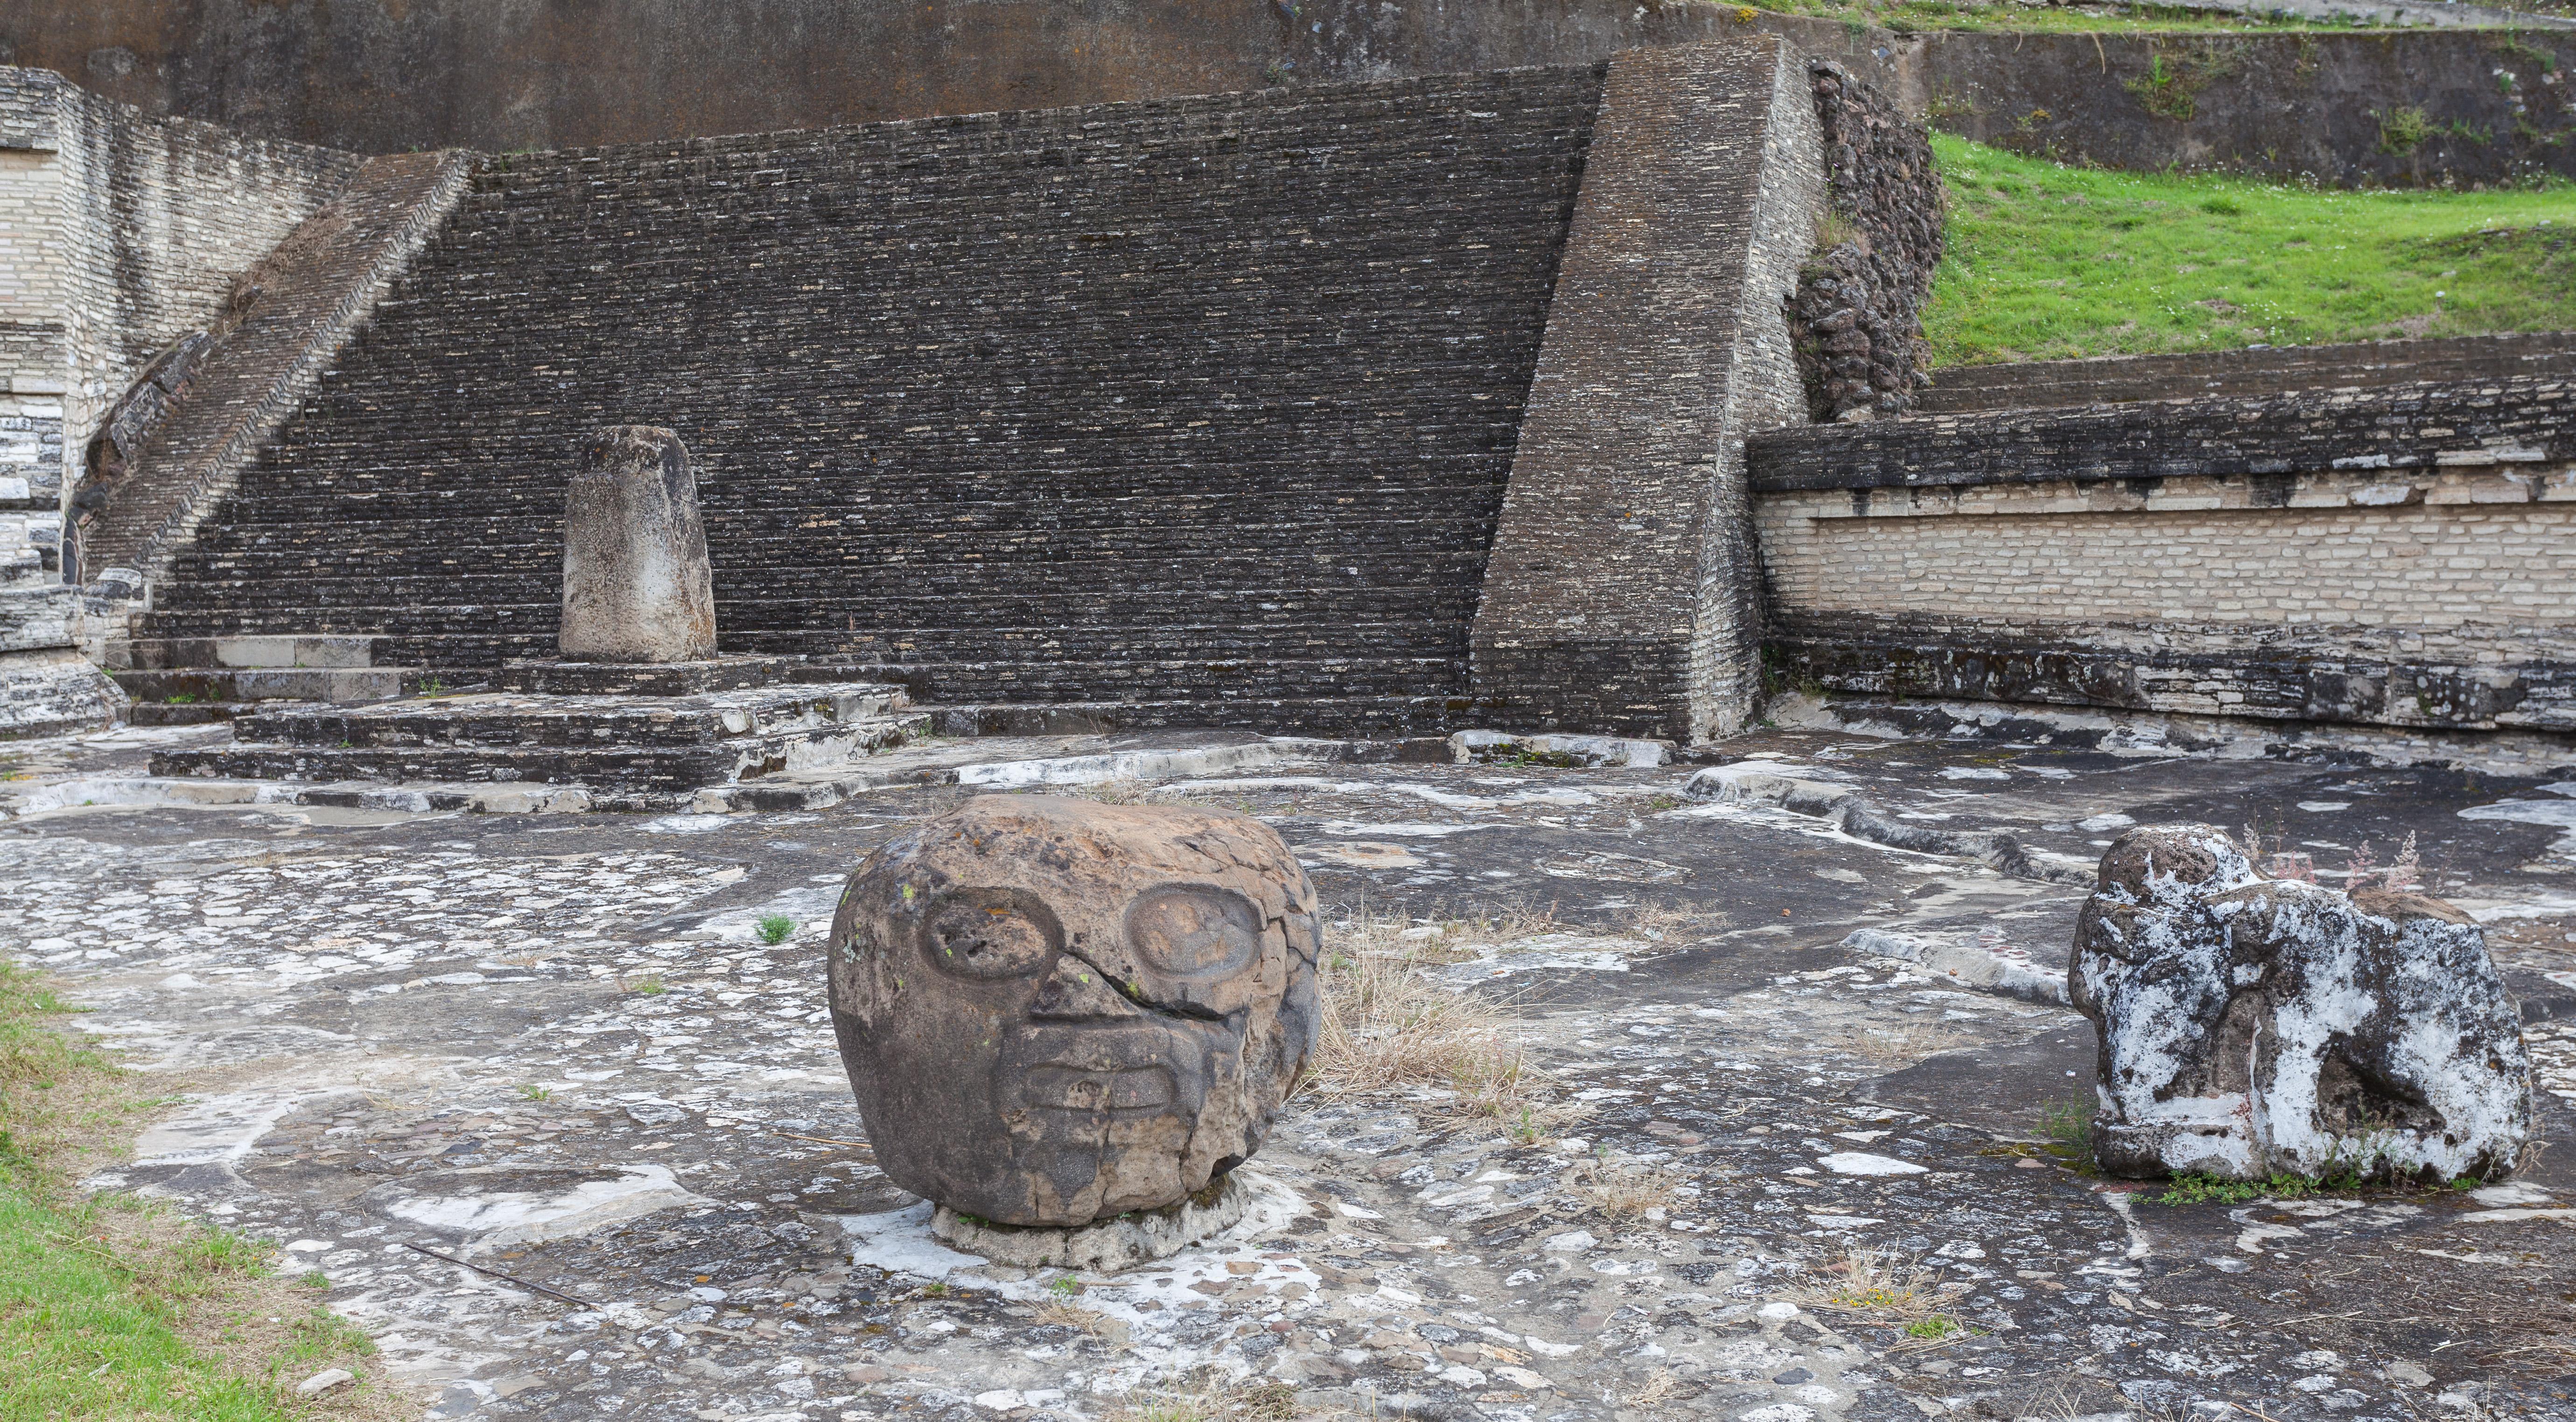 Piramides De Bosnia Cuarto Milenio   Una Vez Ocultos A Plena Vista Y Sorprendentemente Ignorado La